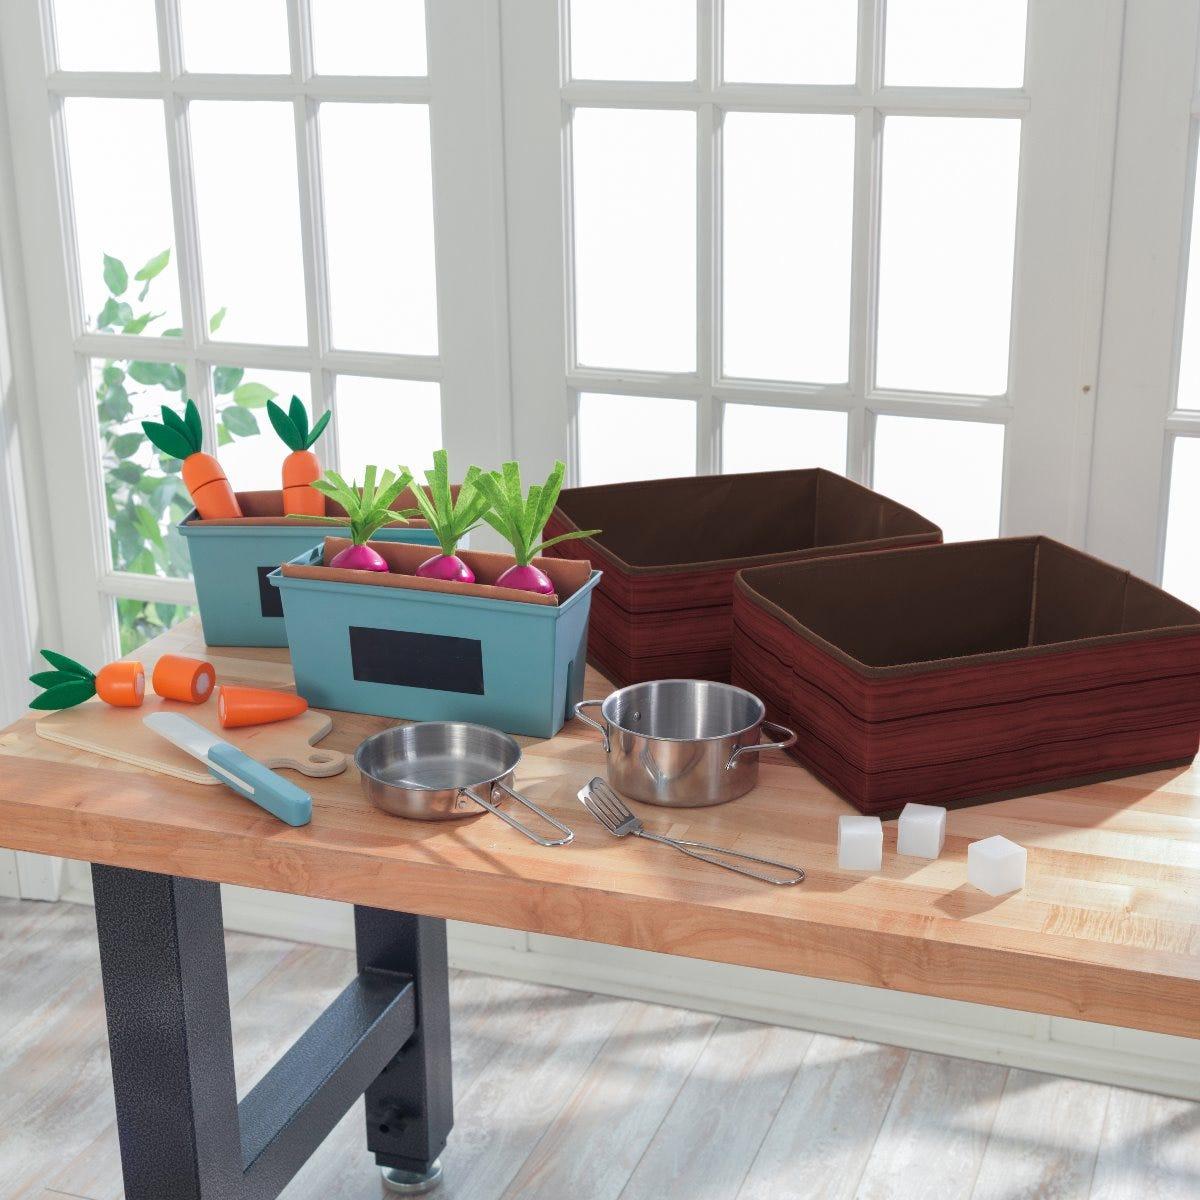 KidKraft детска дървена кухня с зеленчукова градина-bellamiestore